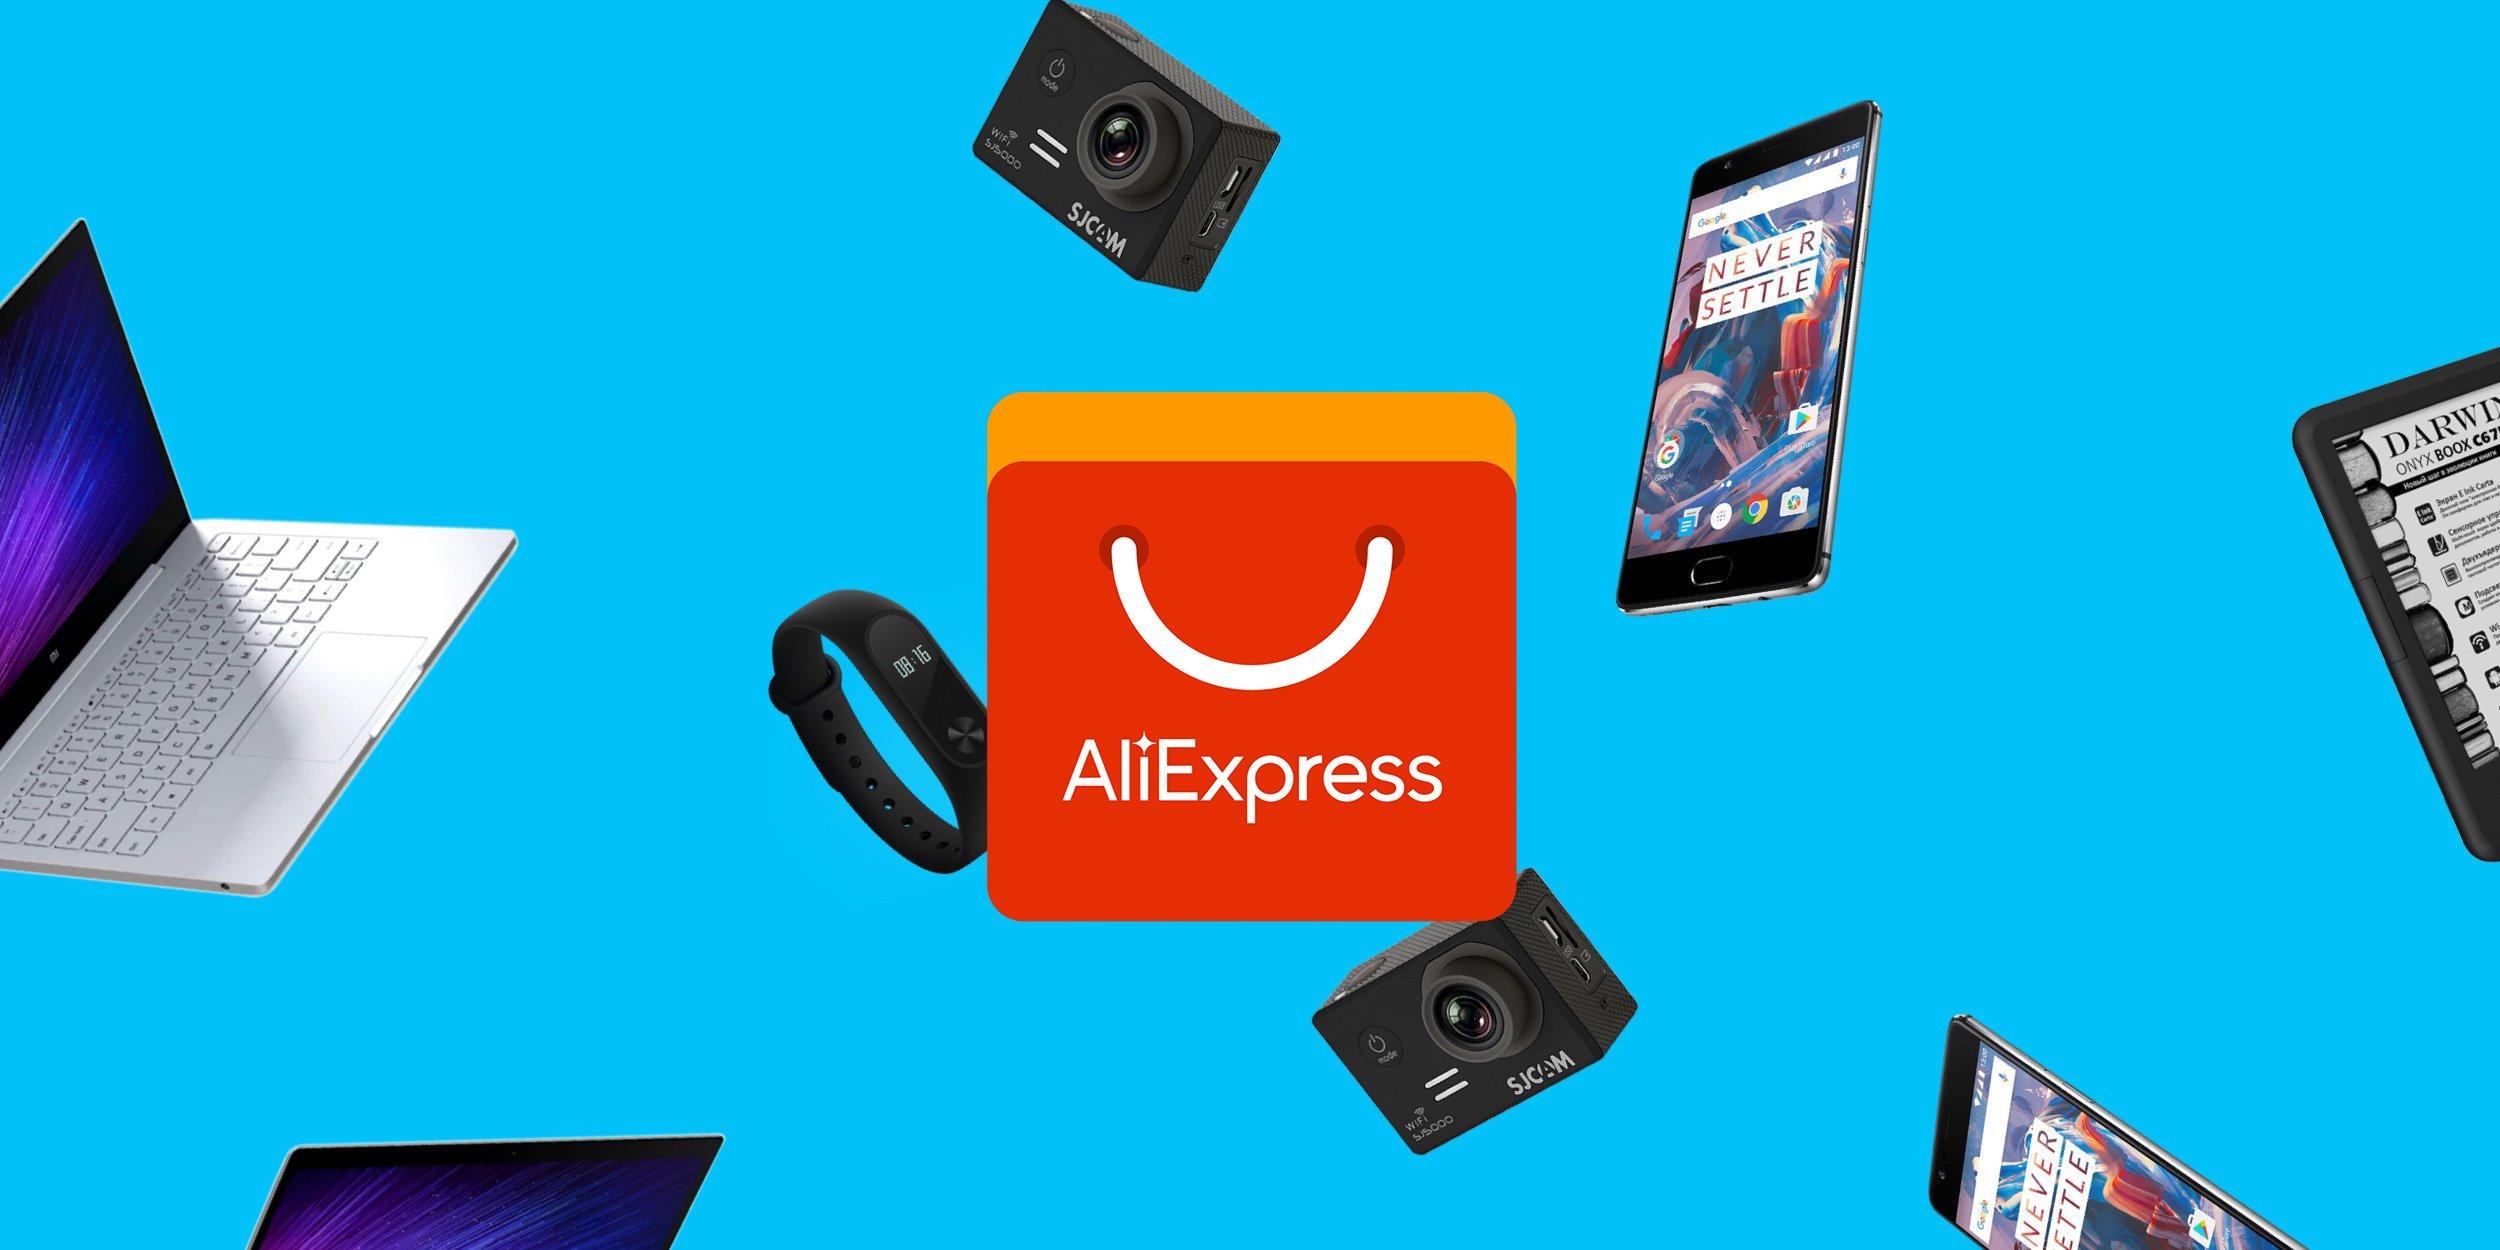 AliExpress распродаёт в России по низким ценам смартфоны Apple Xiaomi Samsung